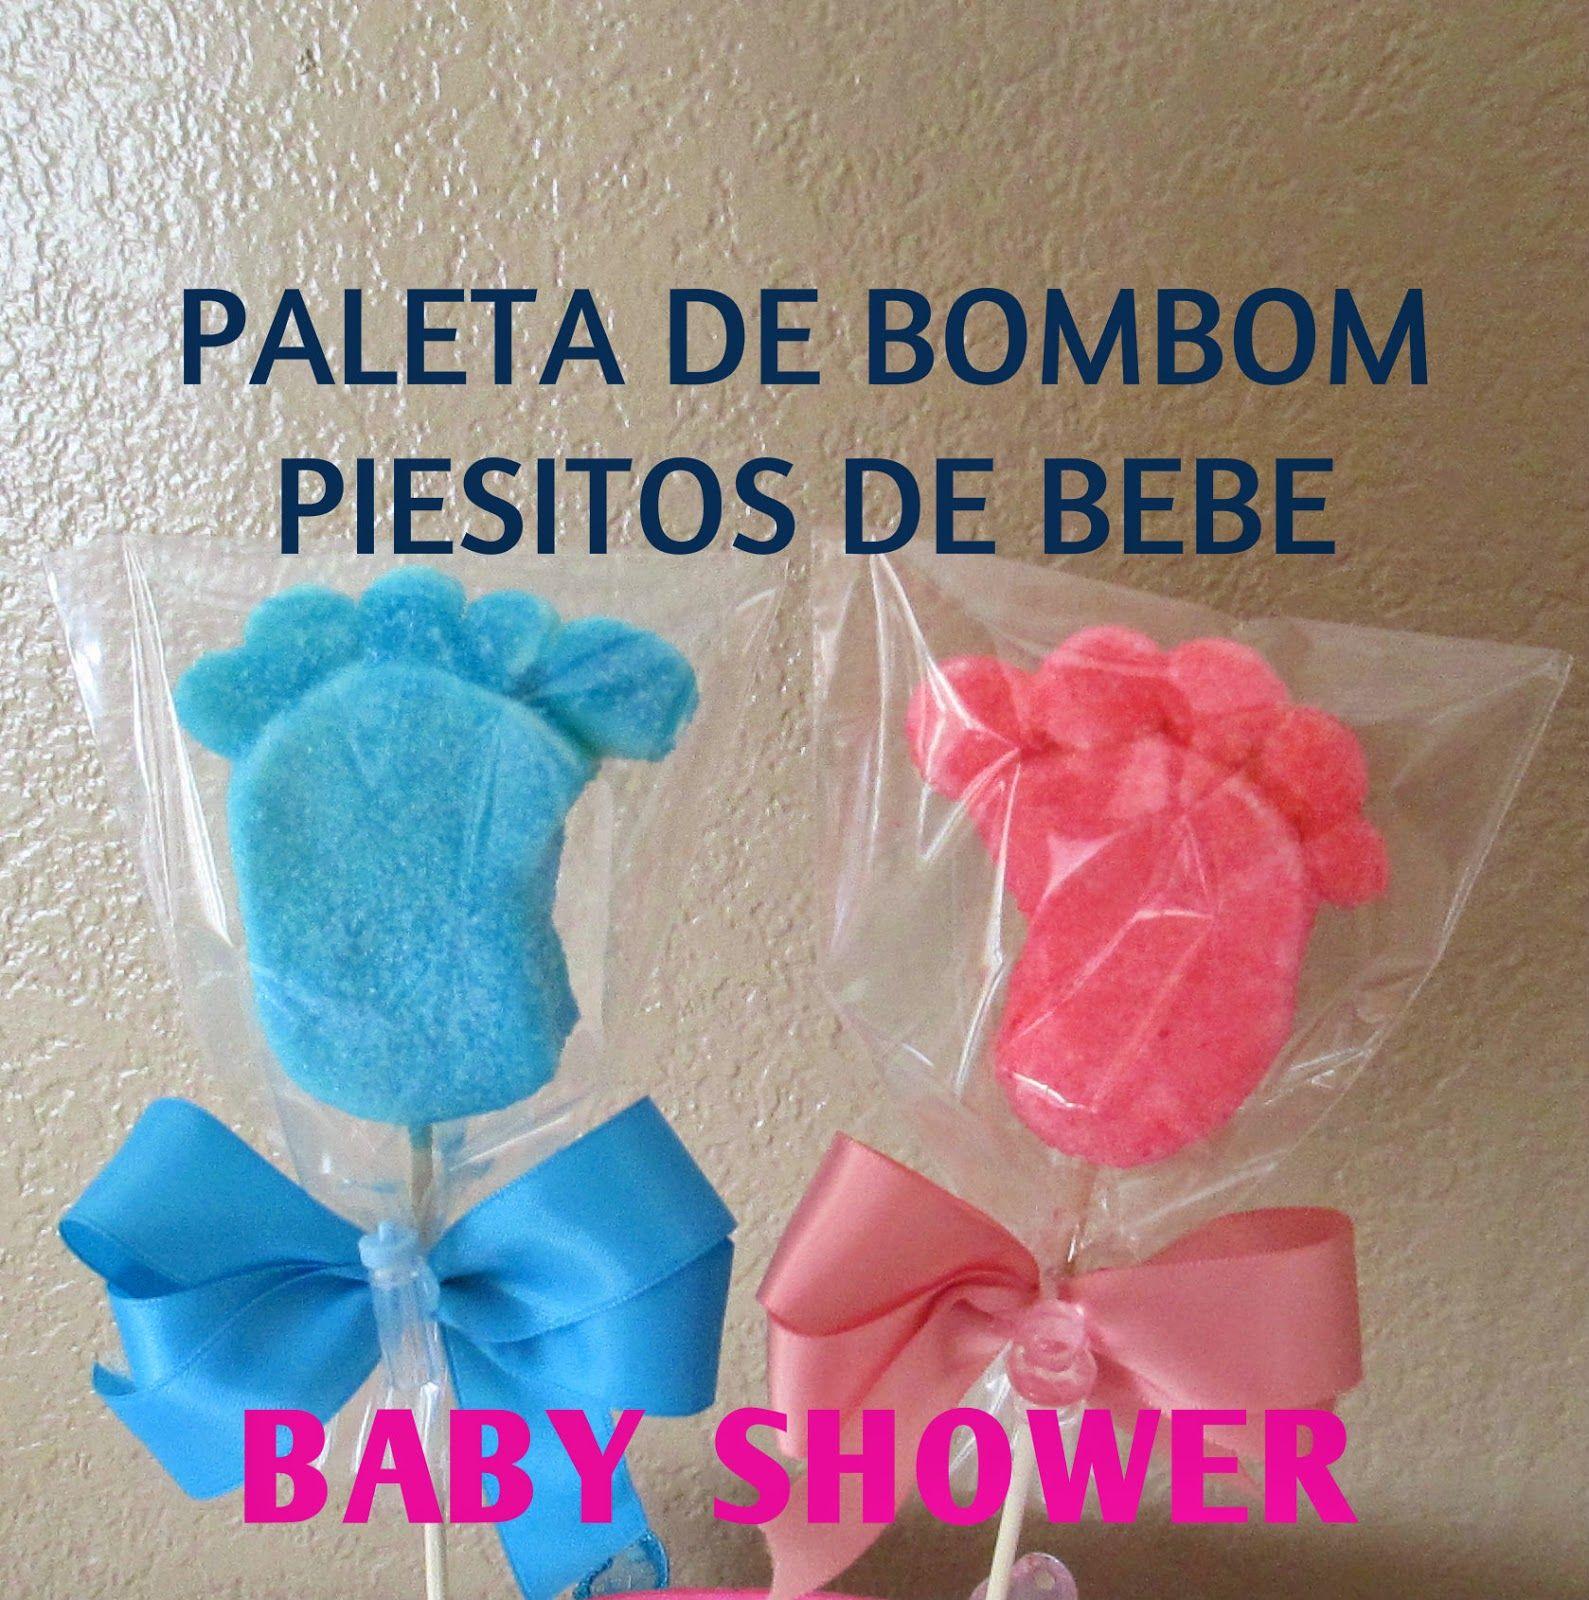 PALETA DE BOMBON PIESITOS DE BEBE PARA BABY SHOWER Madelin Cakes